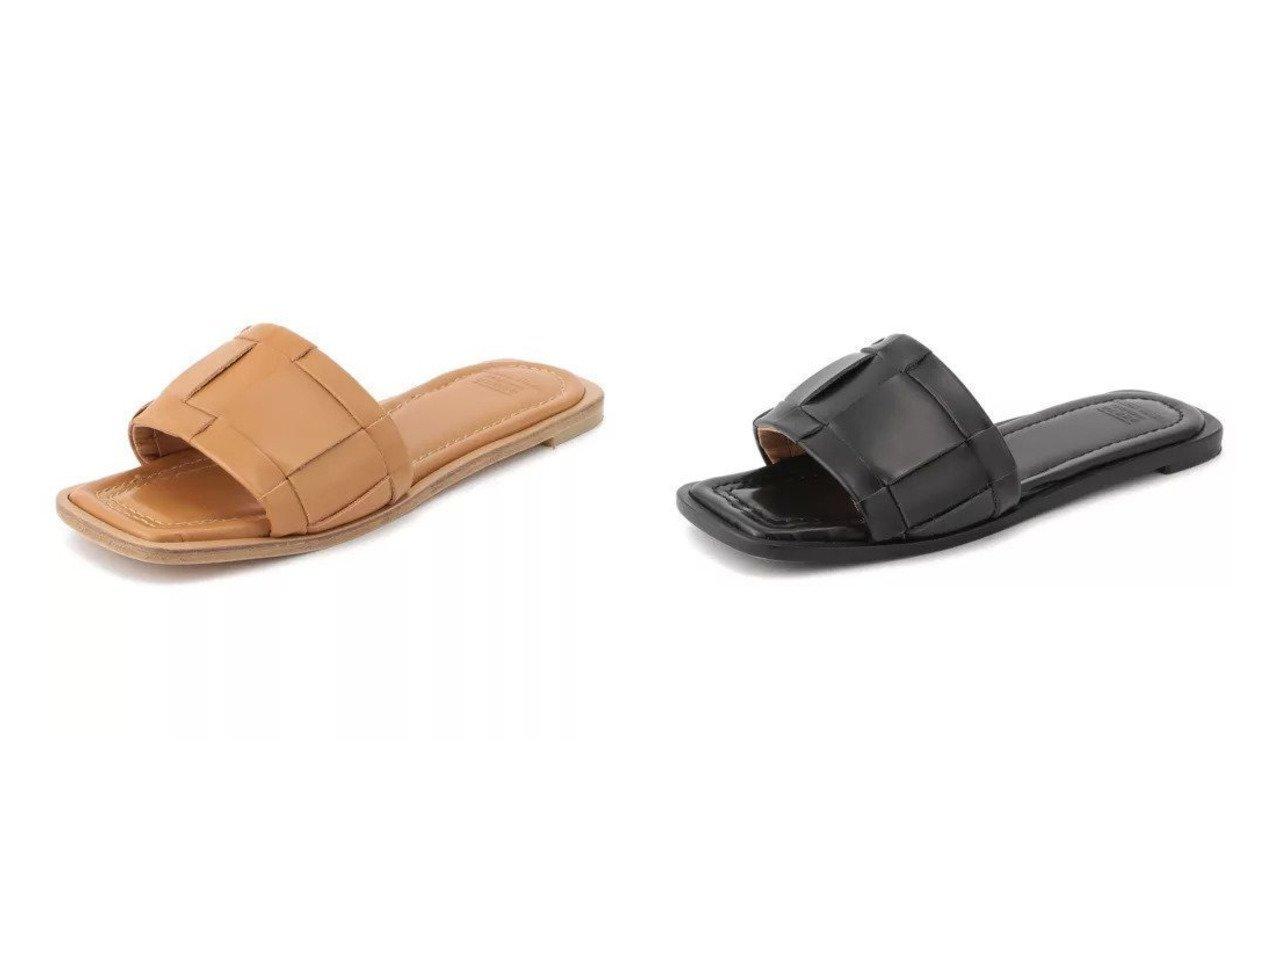 【MAISON EUREKA/メゾンエウレカ】のRANDOM MESH SANDAL シューズ・靴のおすすめ!人気、トレンド・レディースファッションの通販 おすすめで人気の流行・トレンド、ファッションの通販商品 メンズファッション・キッズファッション・インテリア・家具・レディースファッション・服の通販 founy(ファニー) https://founy.com/ ファッション Fashion レディースファッション WOMEN 2021年 2021 2021 春夏 S/S SS Spring/Summer 2021 S/S 春夏 SS Spring/Summer サンダル シューズ シンプル ランダム |ID:crp329100000015324